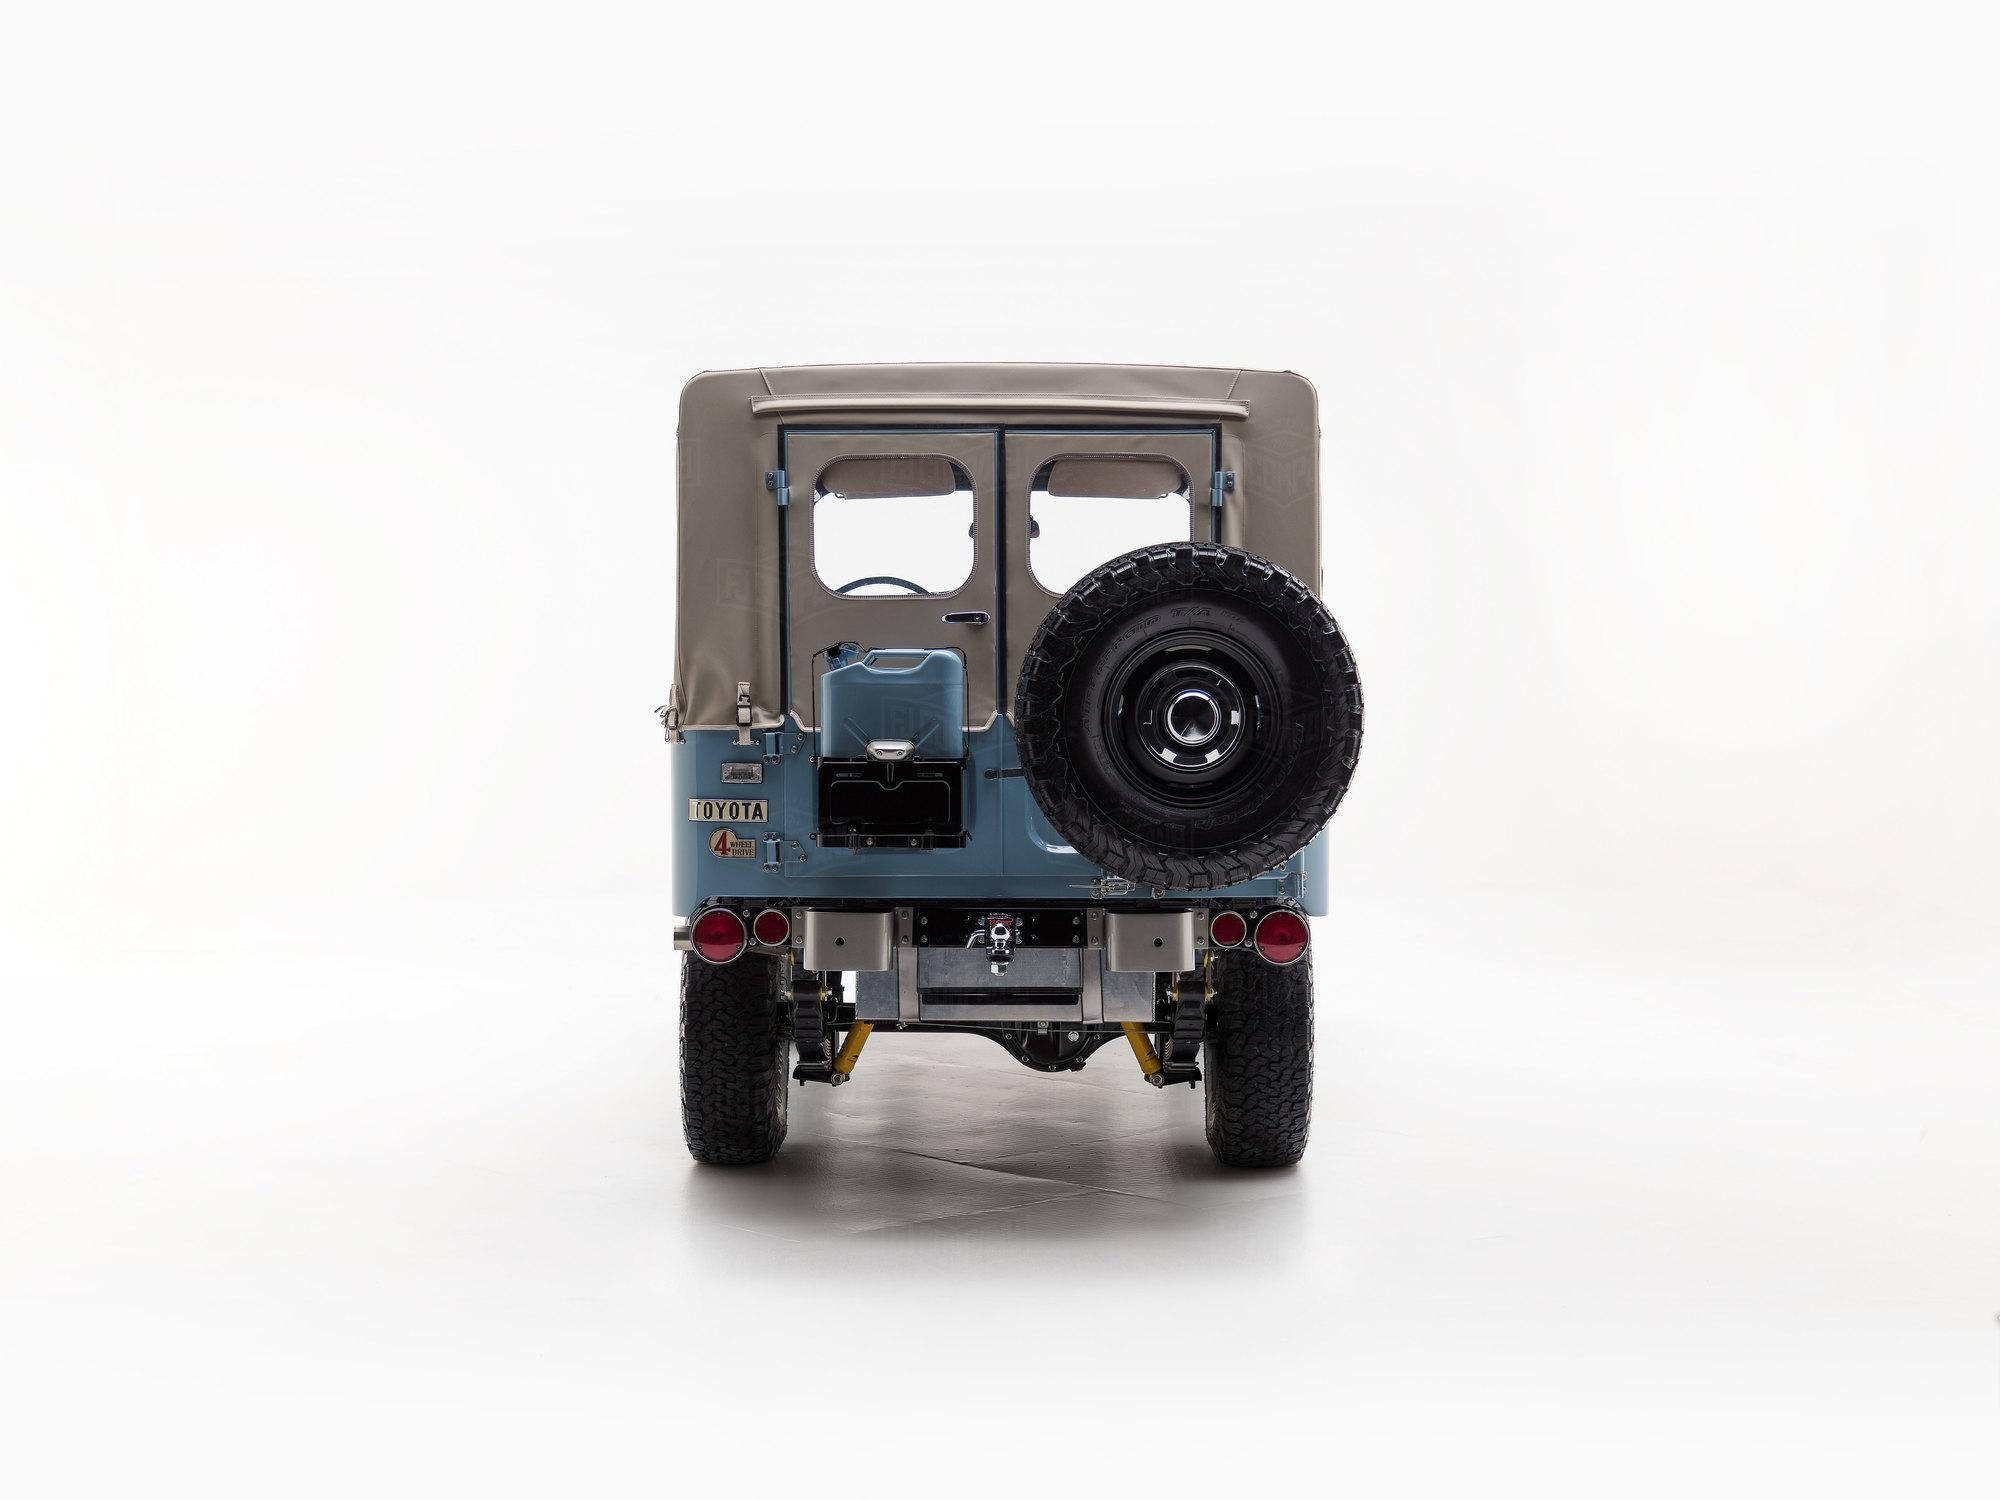 1973 Fj43 Capri Blue 25992 Toyota Land Cruiser Parts The Fj Company